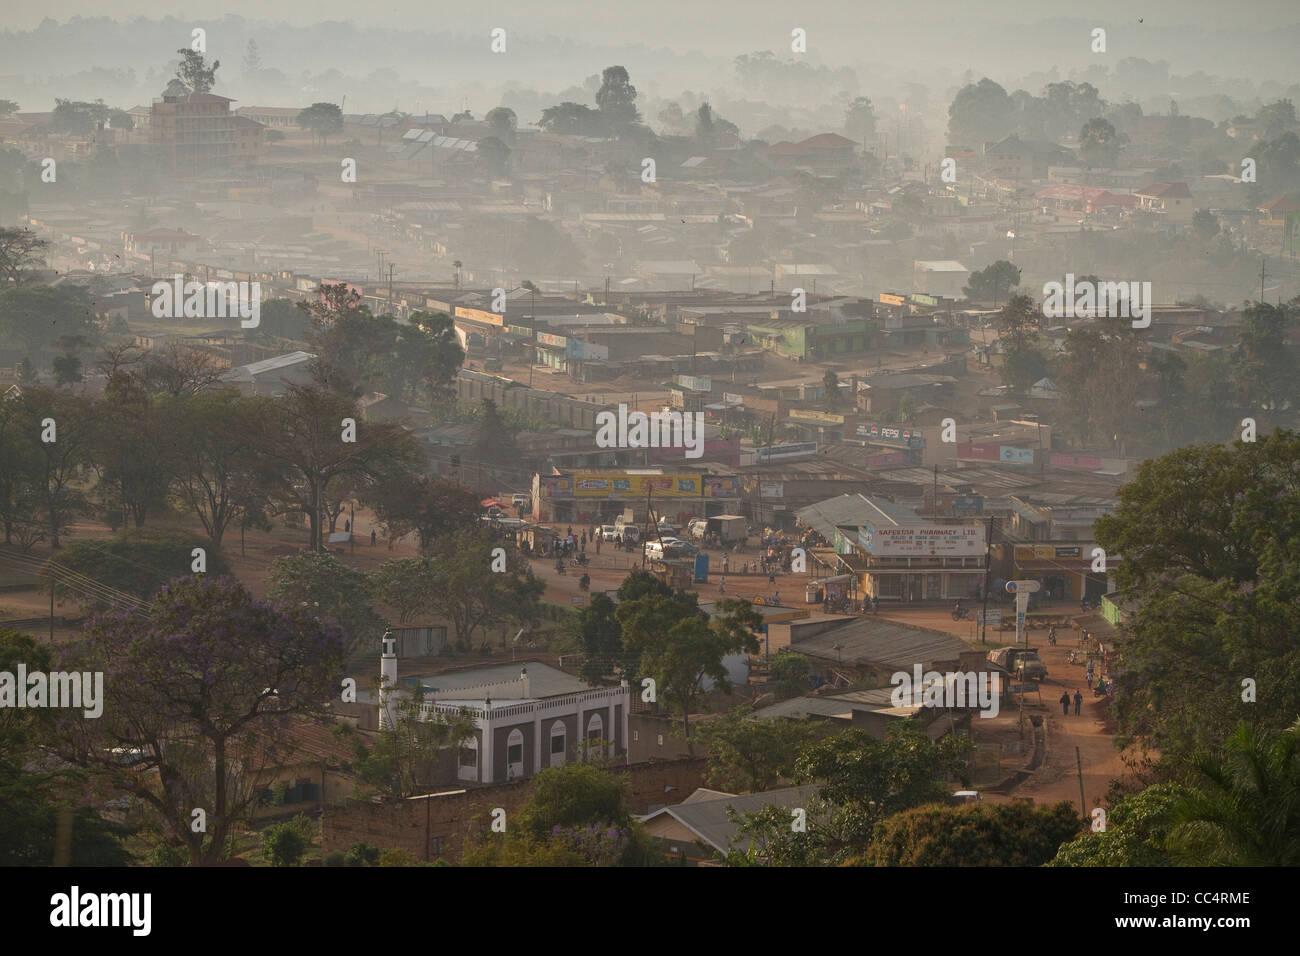 Vue sur Mubende, Ouganda, Afrique de l'Est. Photo Stock